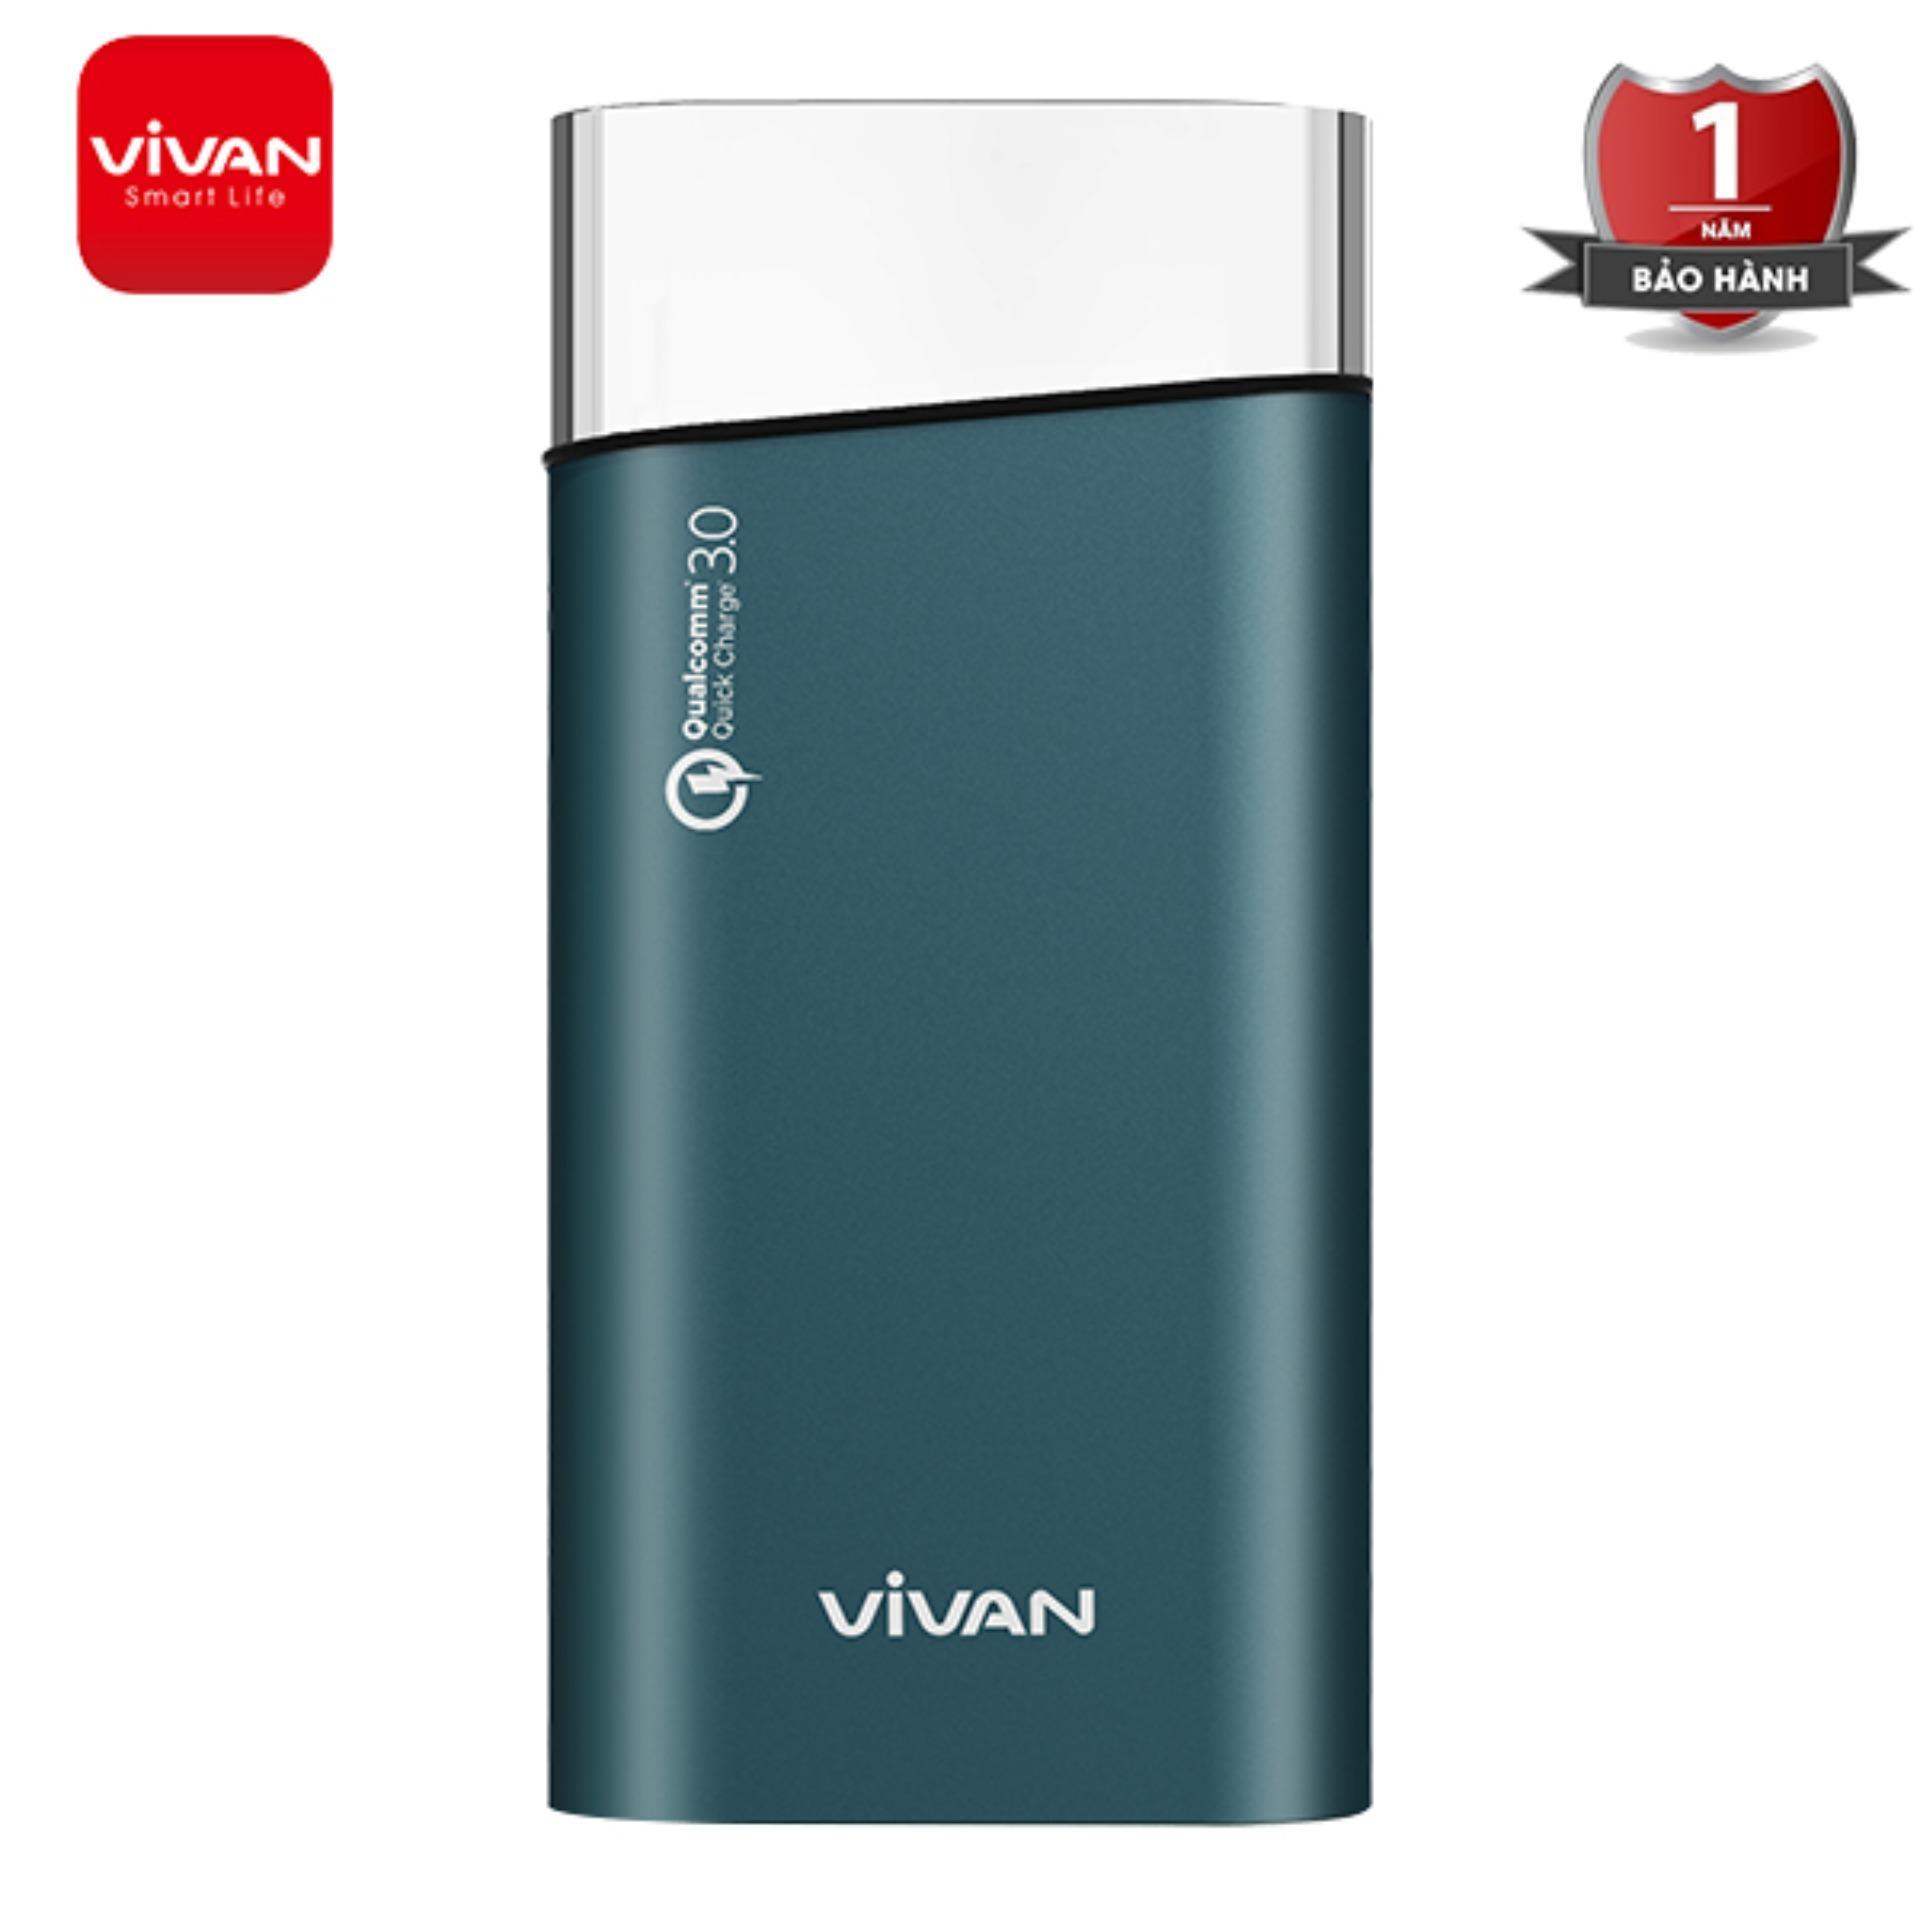 Giá Pin Sạc Dự phòng 10000mAh Vivan VPB-G10 Tích hợp sạc nhanh 18W ,  hỗ trợ sạc nhanh chuẩn PD/QC 3.0 + kèm dây sạc nhanh 3A ,( Bảo hành 1 đổi 1)